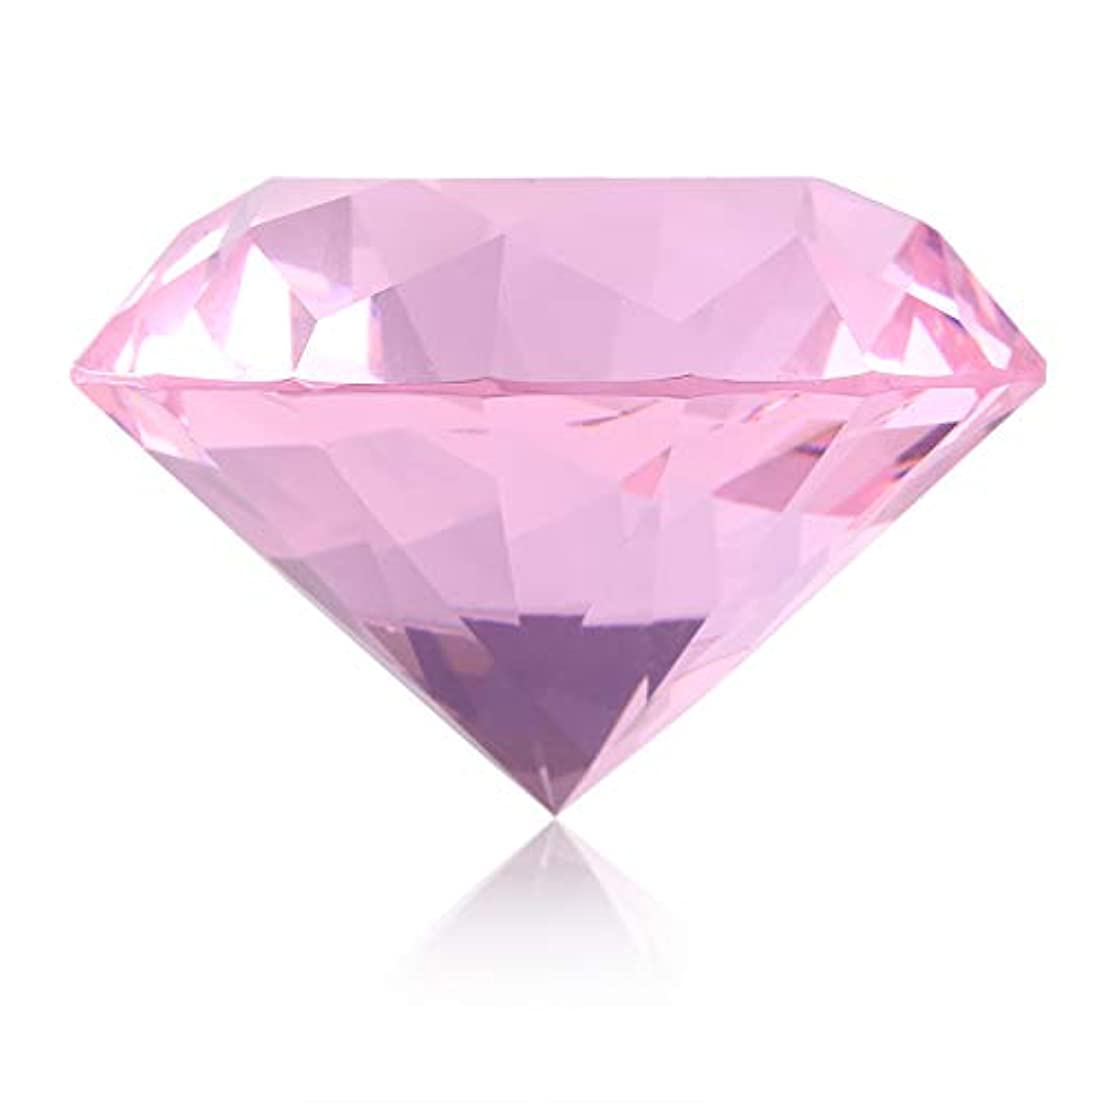 最大バルクカニネイルチップスタンド スタンドベース ネイルアートディスプレイ ガラス クリスタル ダイヤモンド 撮影道具 モデル ネイルチップホルダー (ピンク)